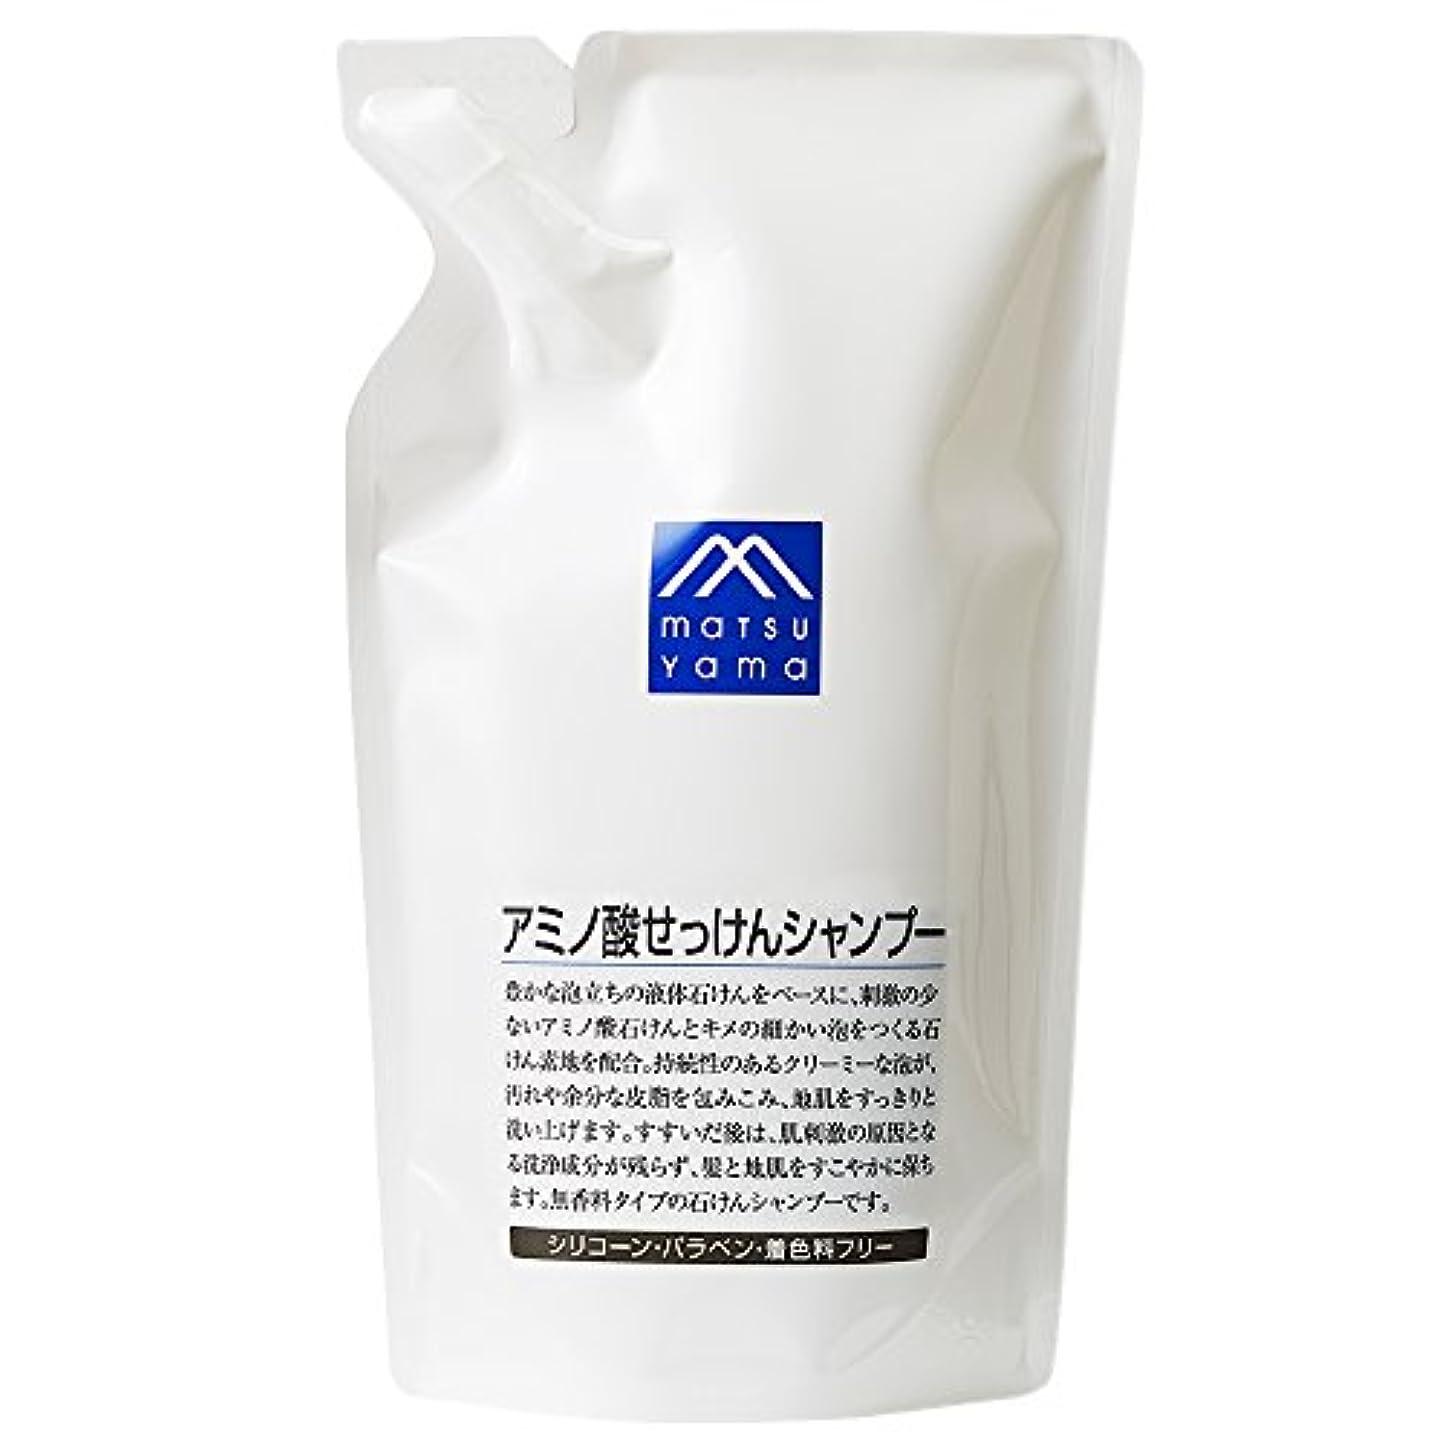 無駄にプールマングルM-mark アミノ酸せっけんシャンプー 詰替用